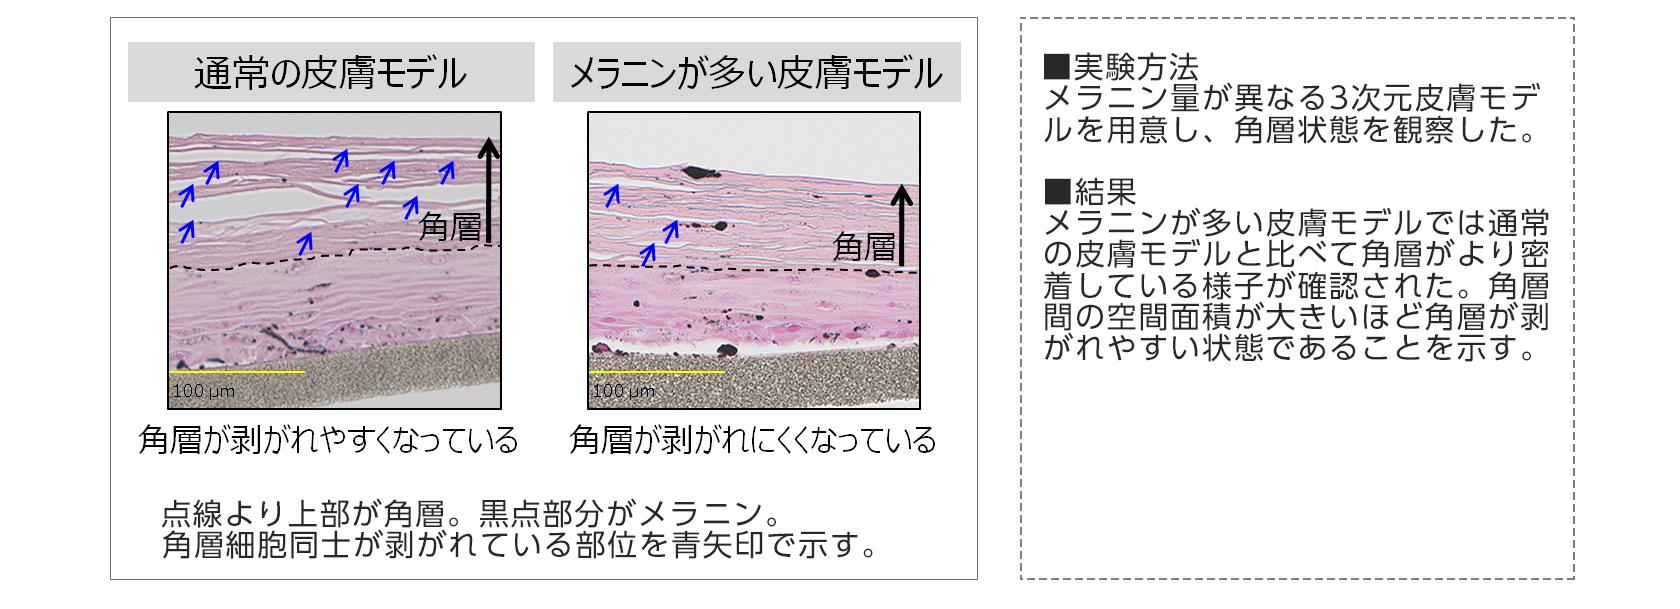 【図3】メラニン量が異なる皮膚モデルにおける角層の剥がれやすさ比較